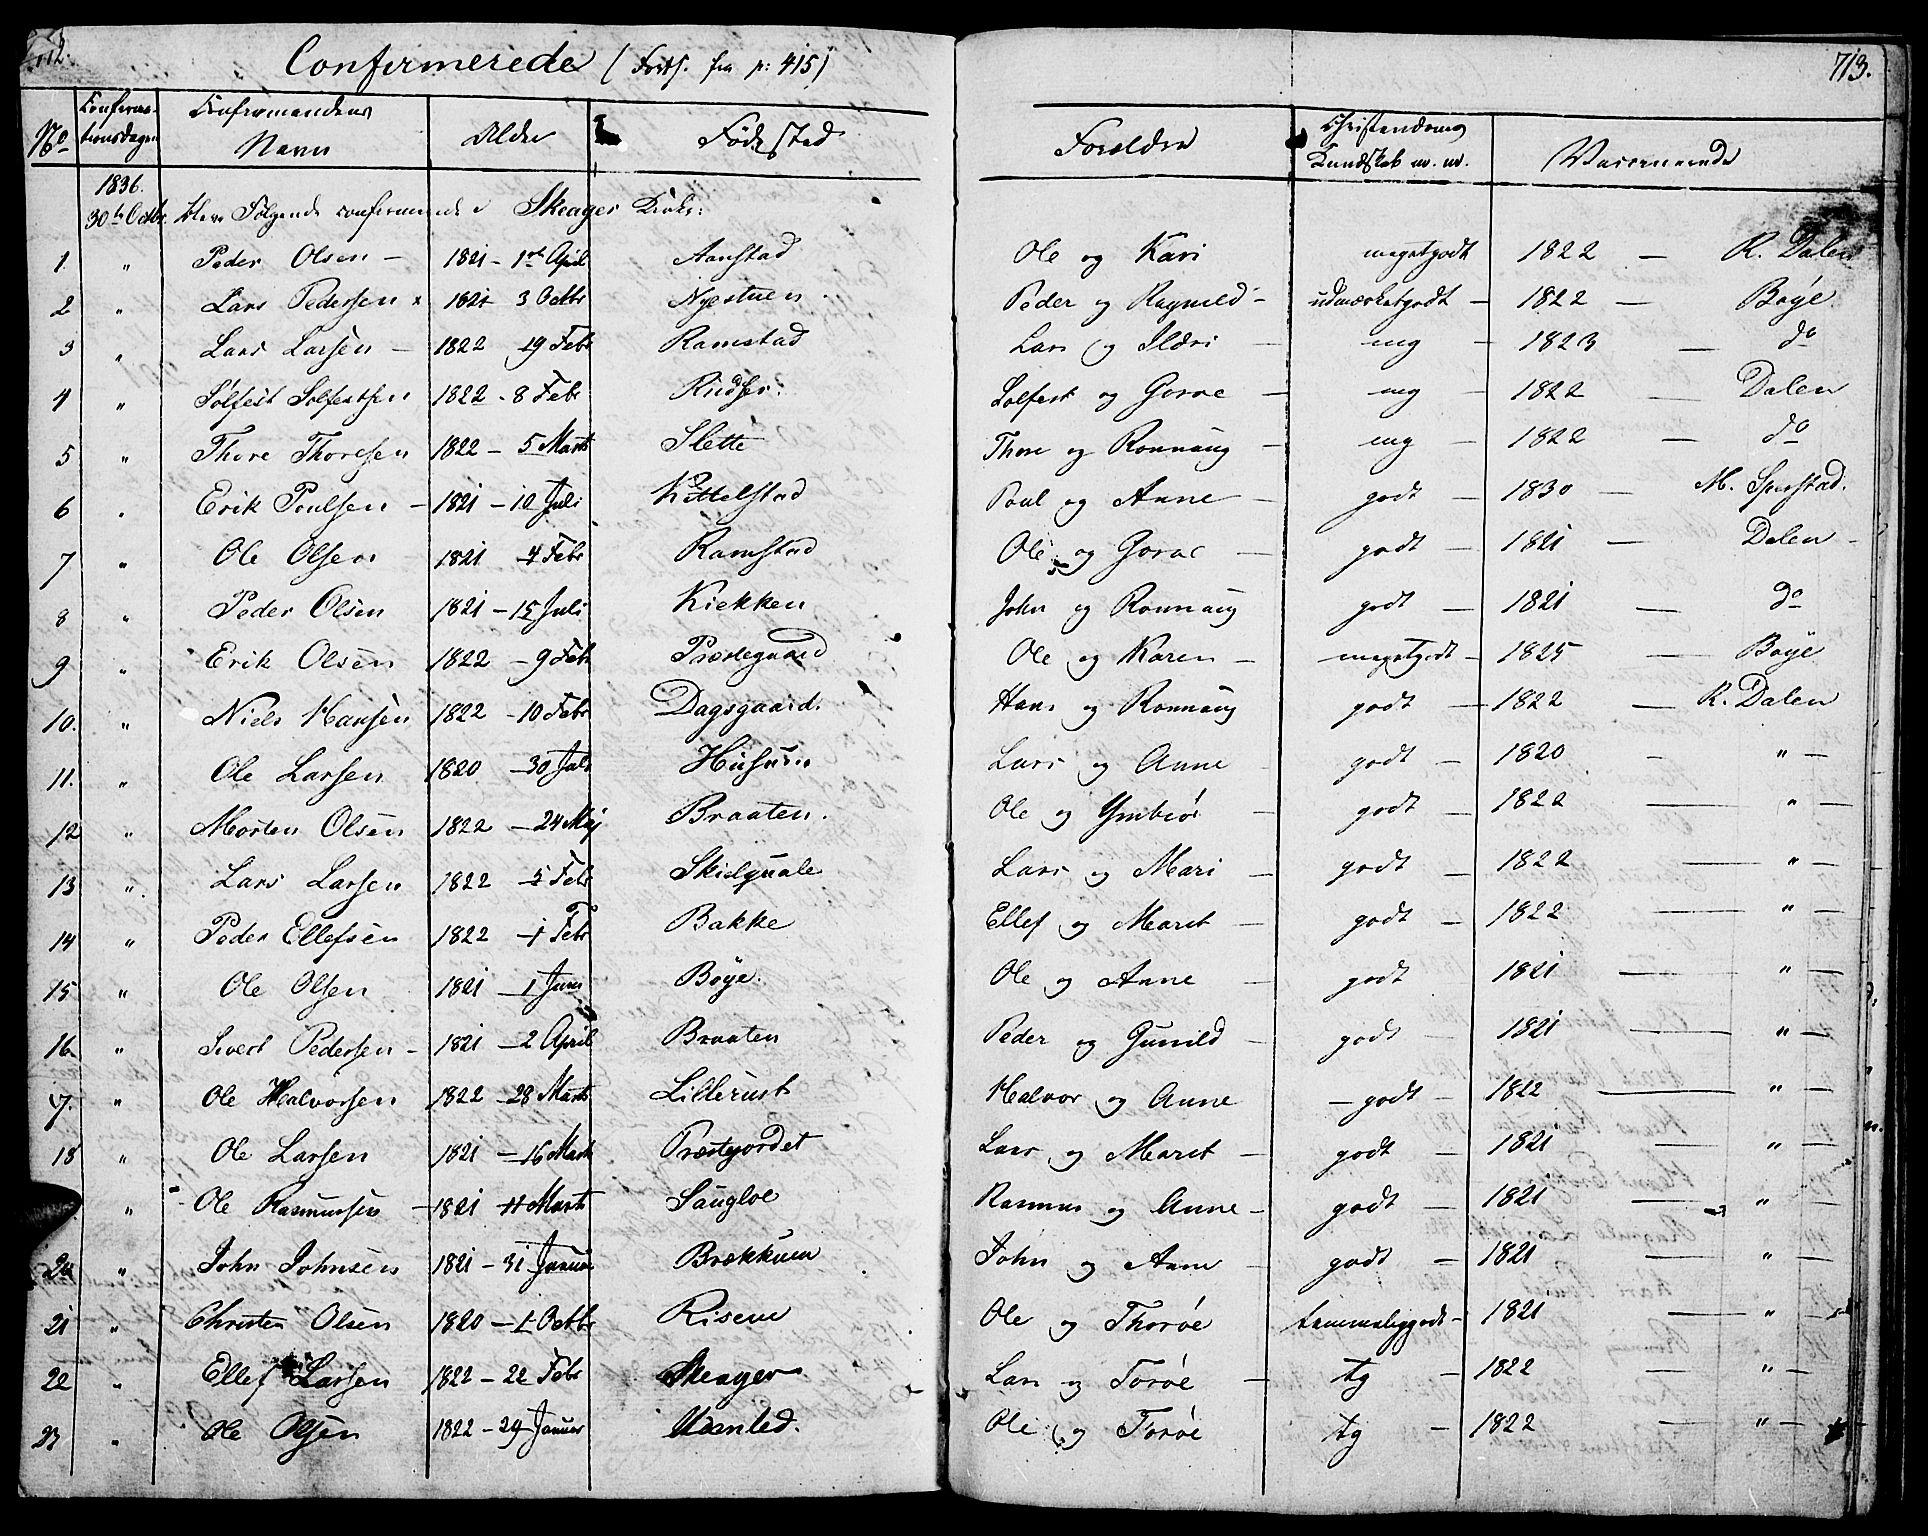 SAH, Lom prestekontor, K/L0005: Ministerialbok nr. 5, 1825-1837, s. 712-713